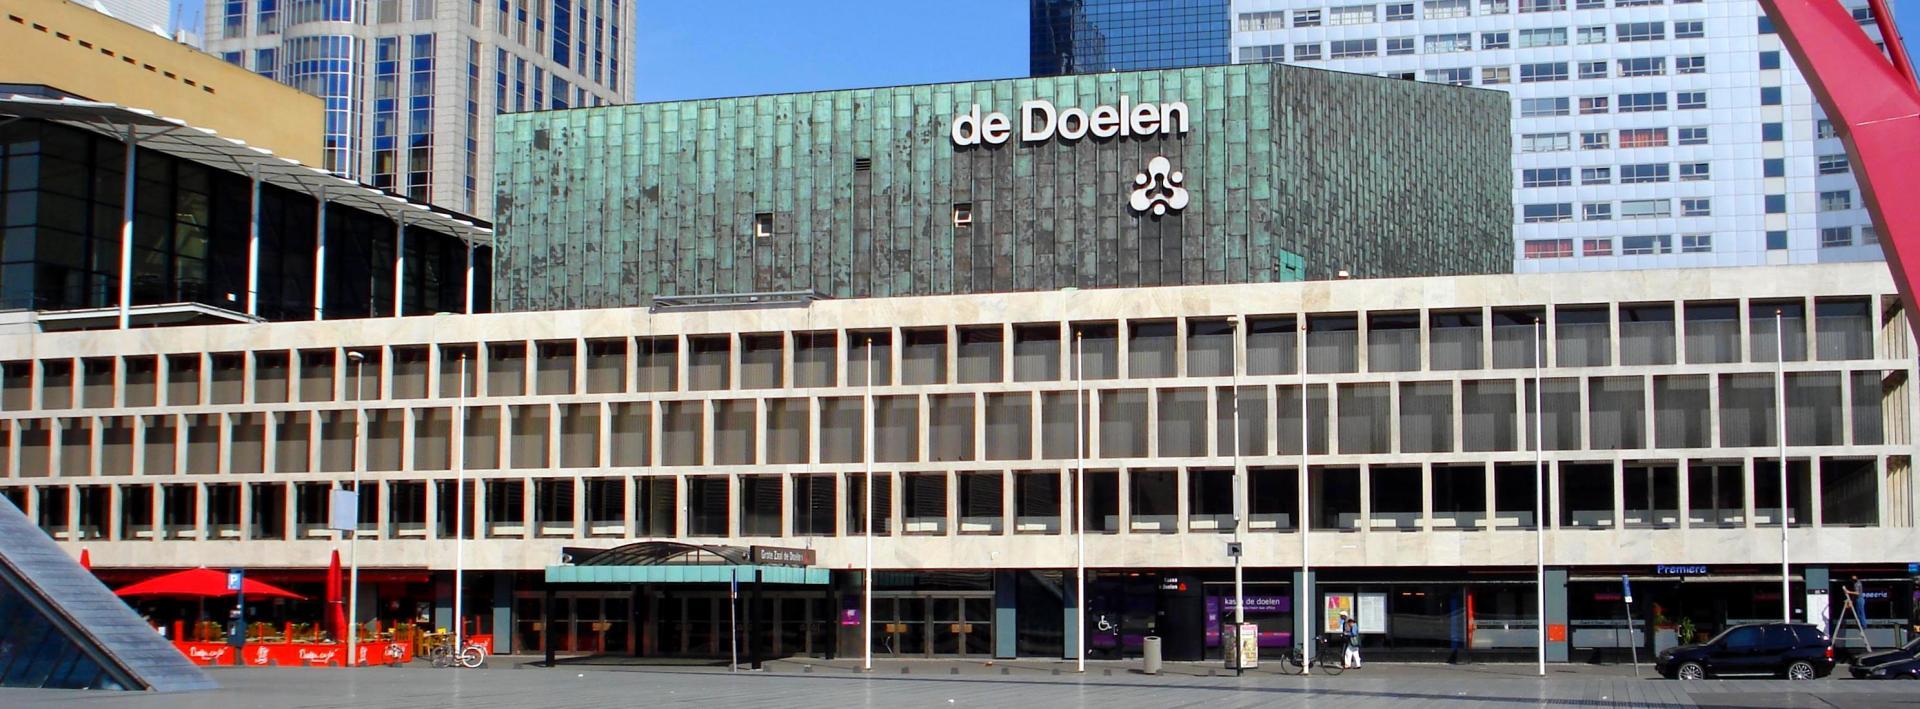 Rotterdam de doelen